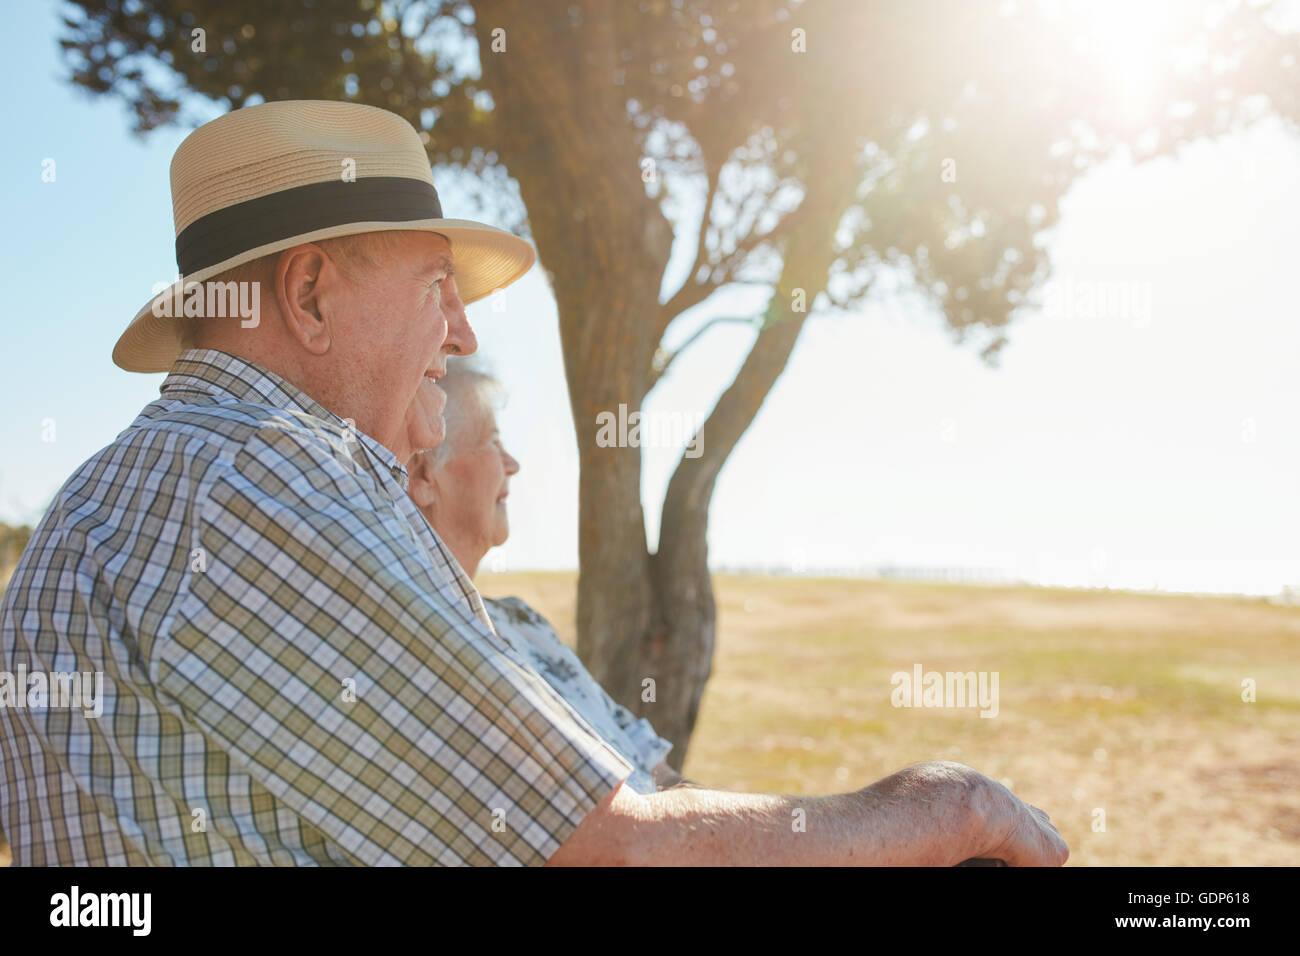 Vista lateral de disparo altos hombre en hat sentados al aire libre con su esposa y disfrutar de una vista. Pareja Imagen De Stock